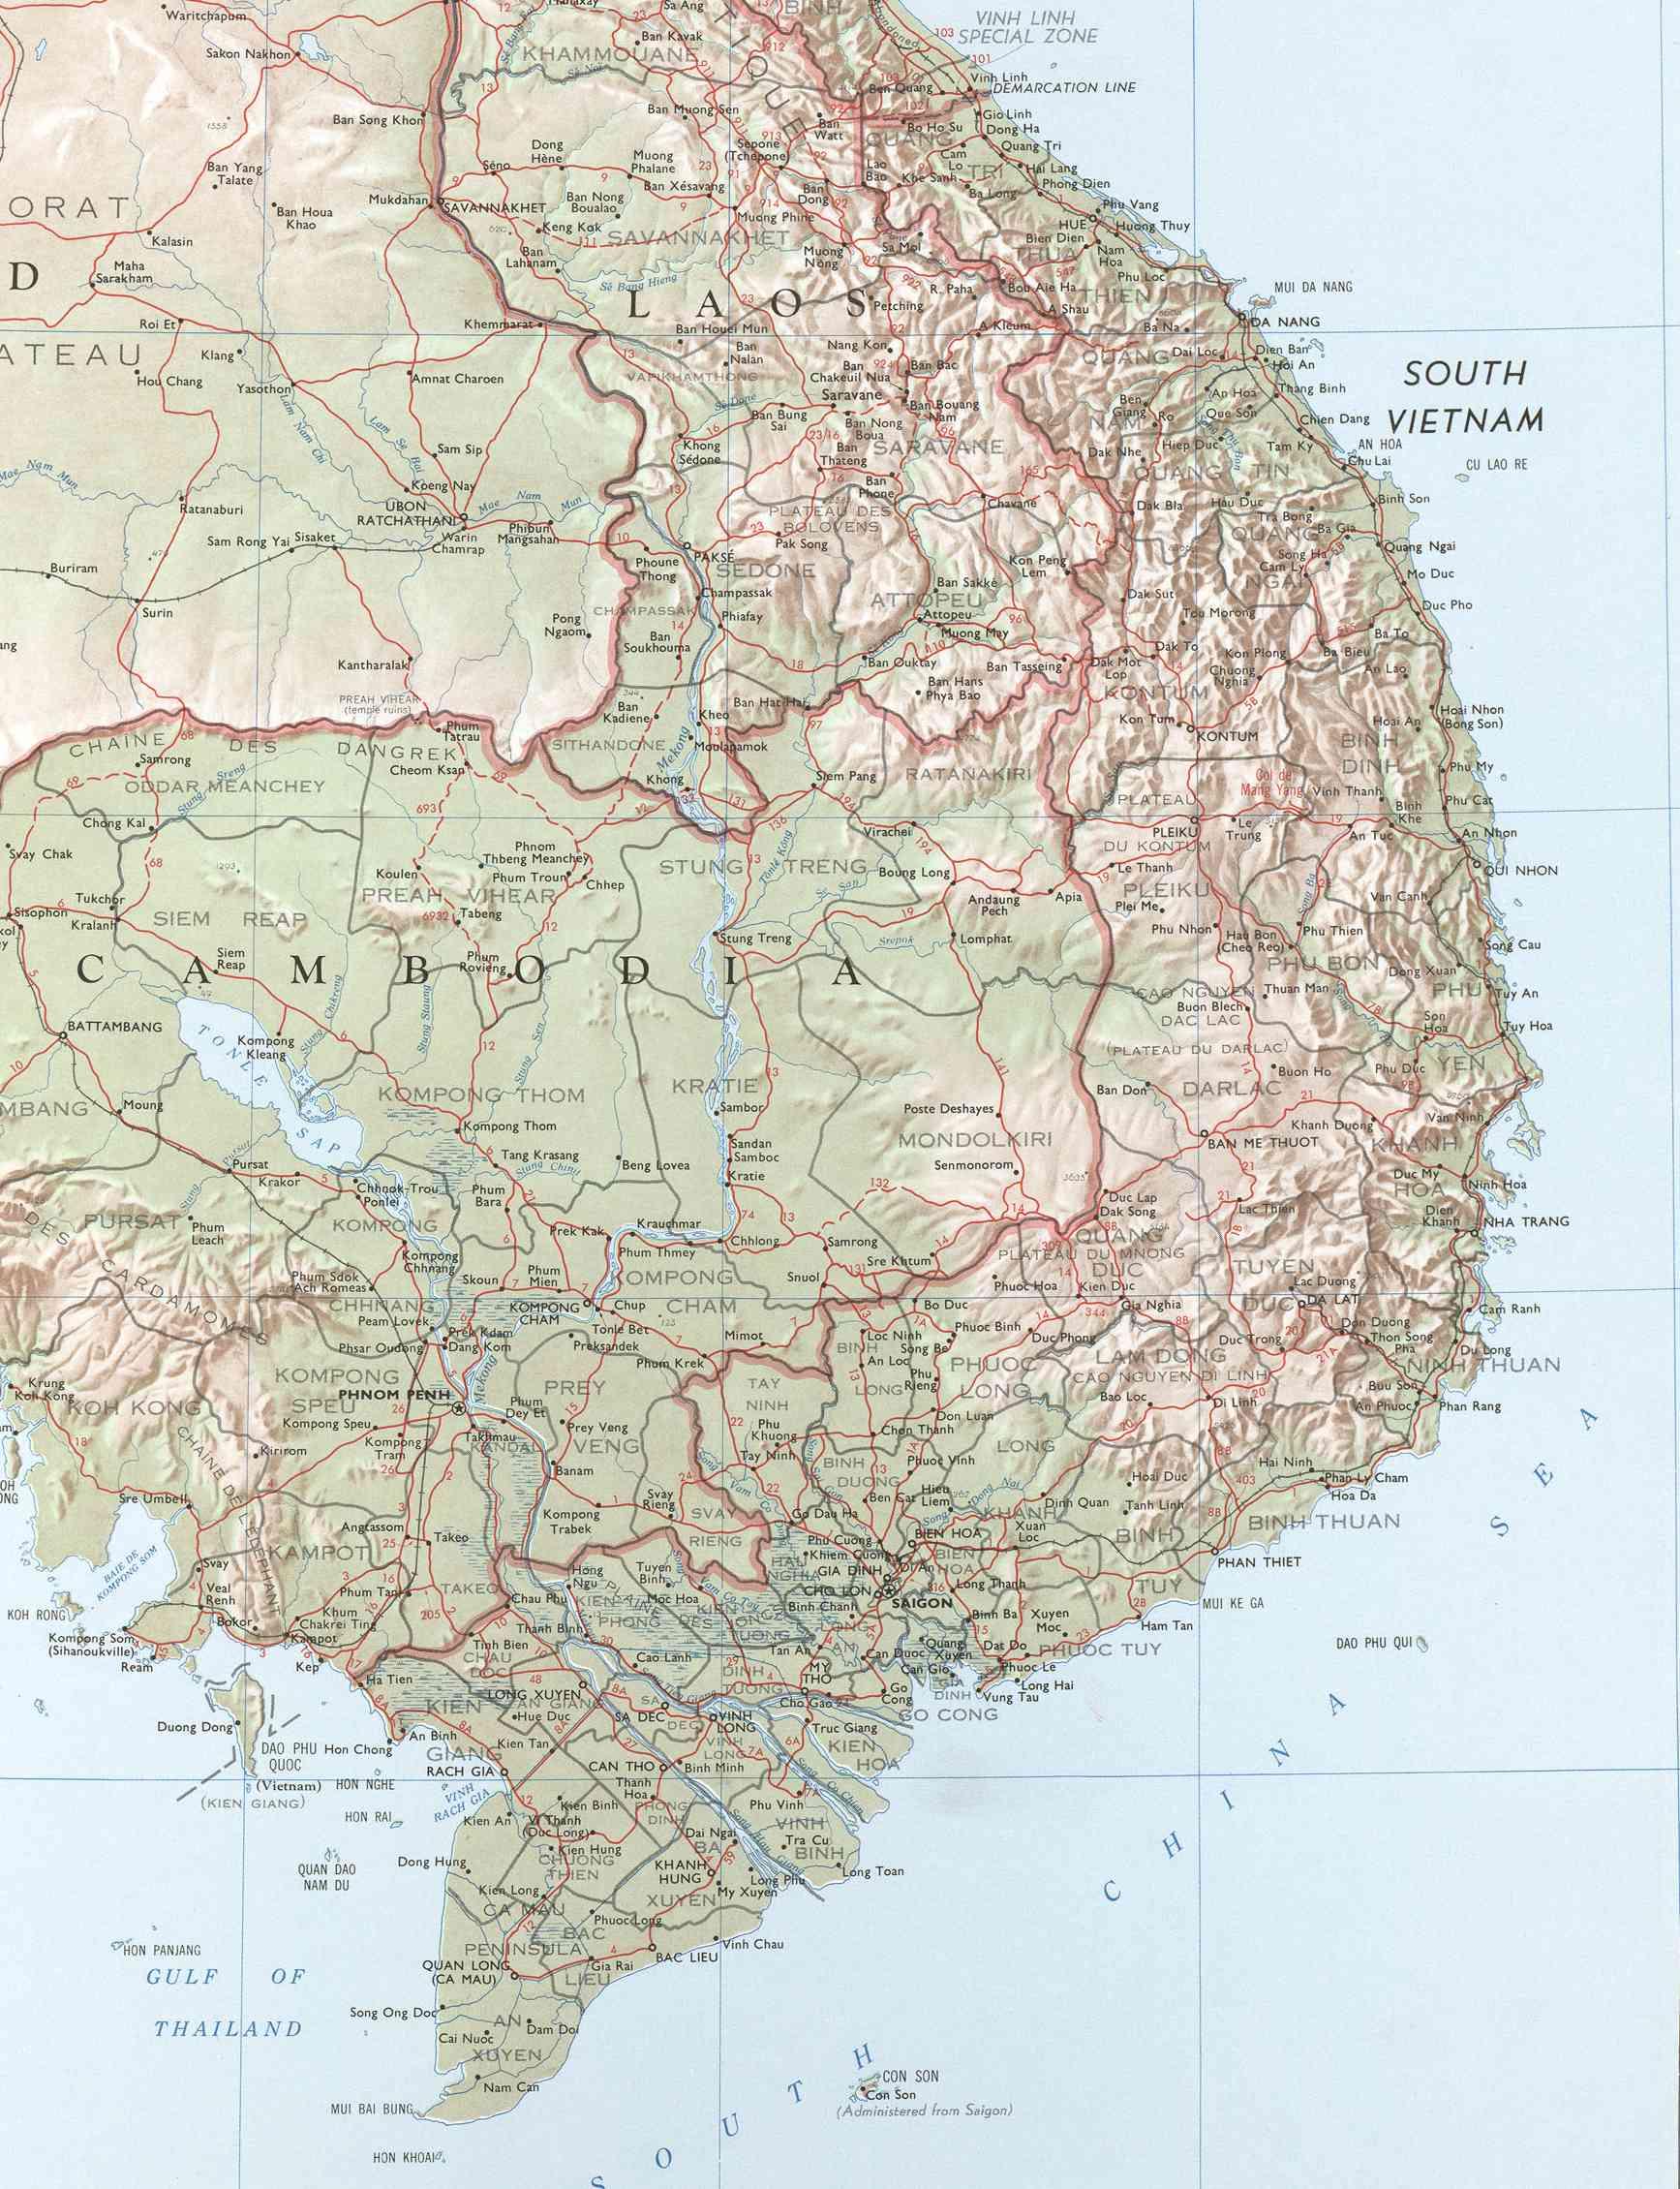 Viet map 1 vietnam war an khe hon cong mountain general indochina map south vietnam gumiabroncs Gallery